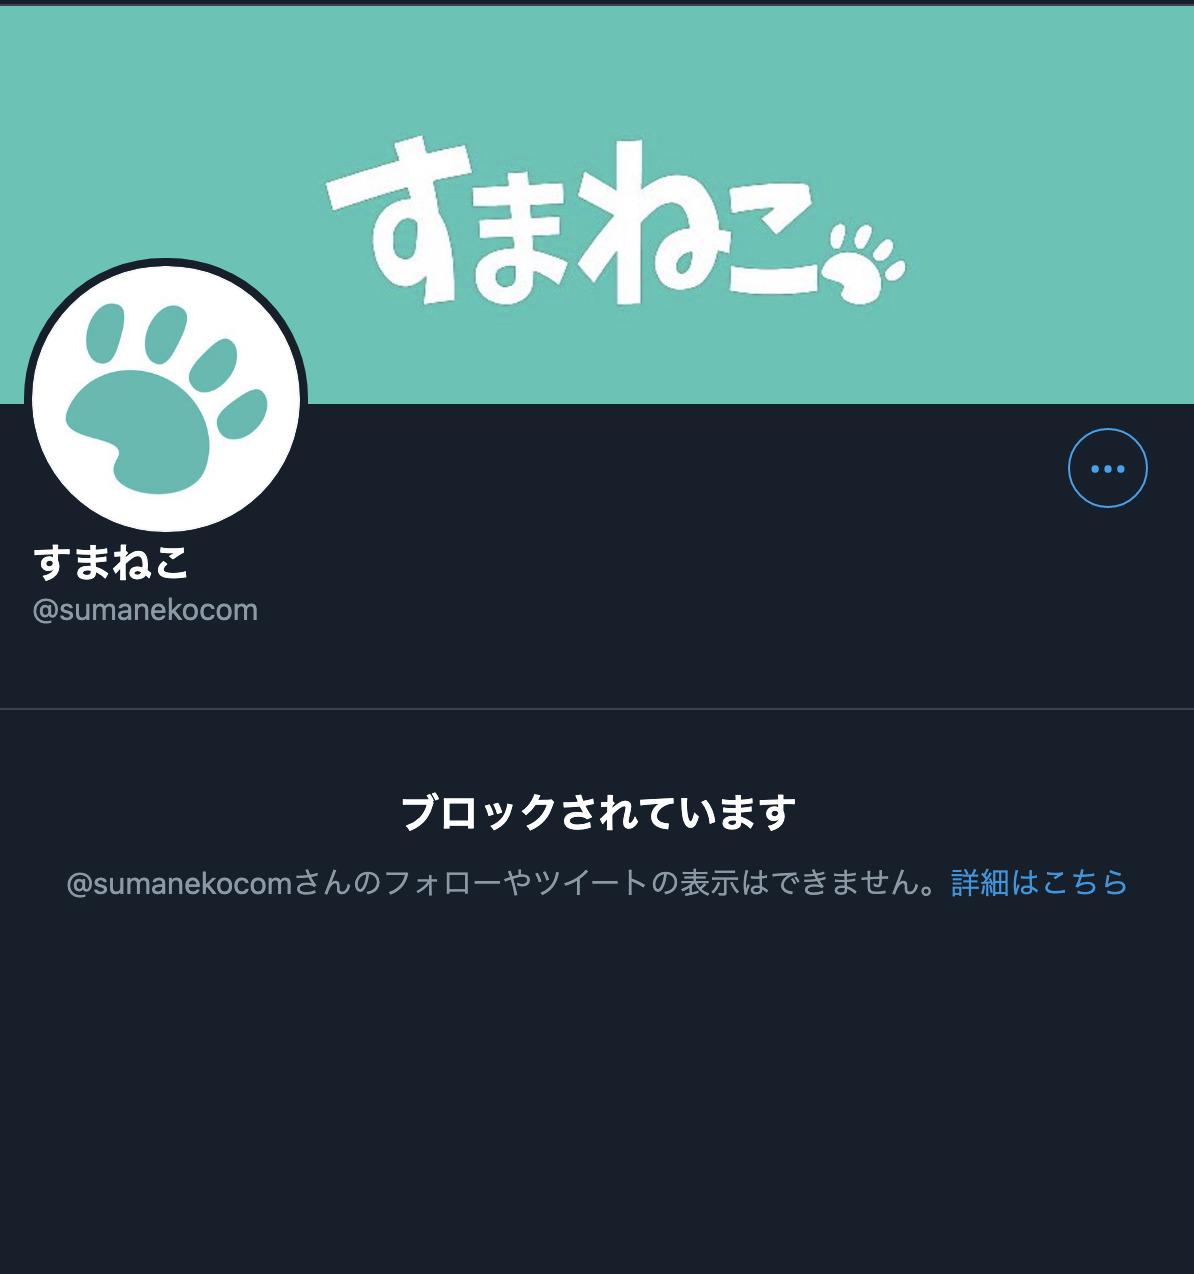 Twitterの「ブロックされています」の画面